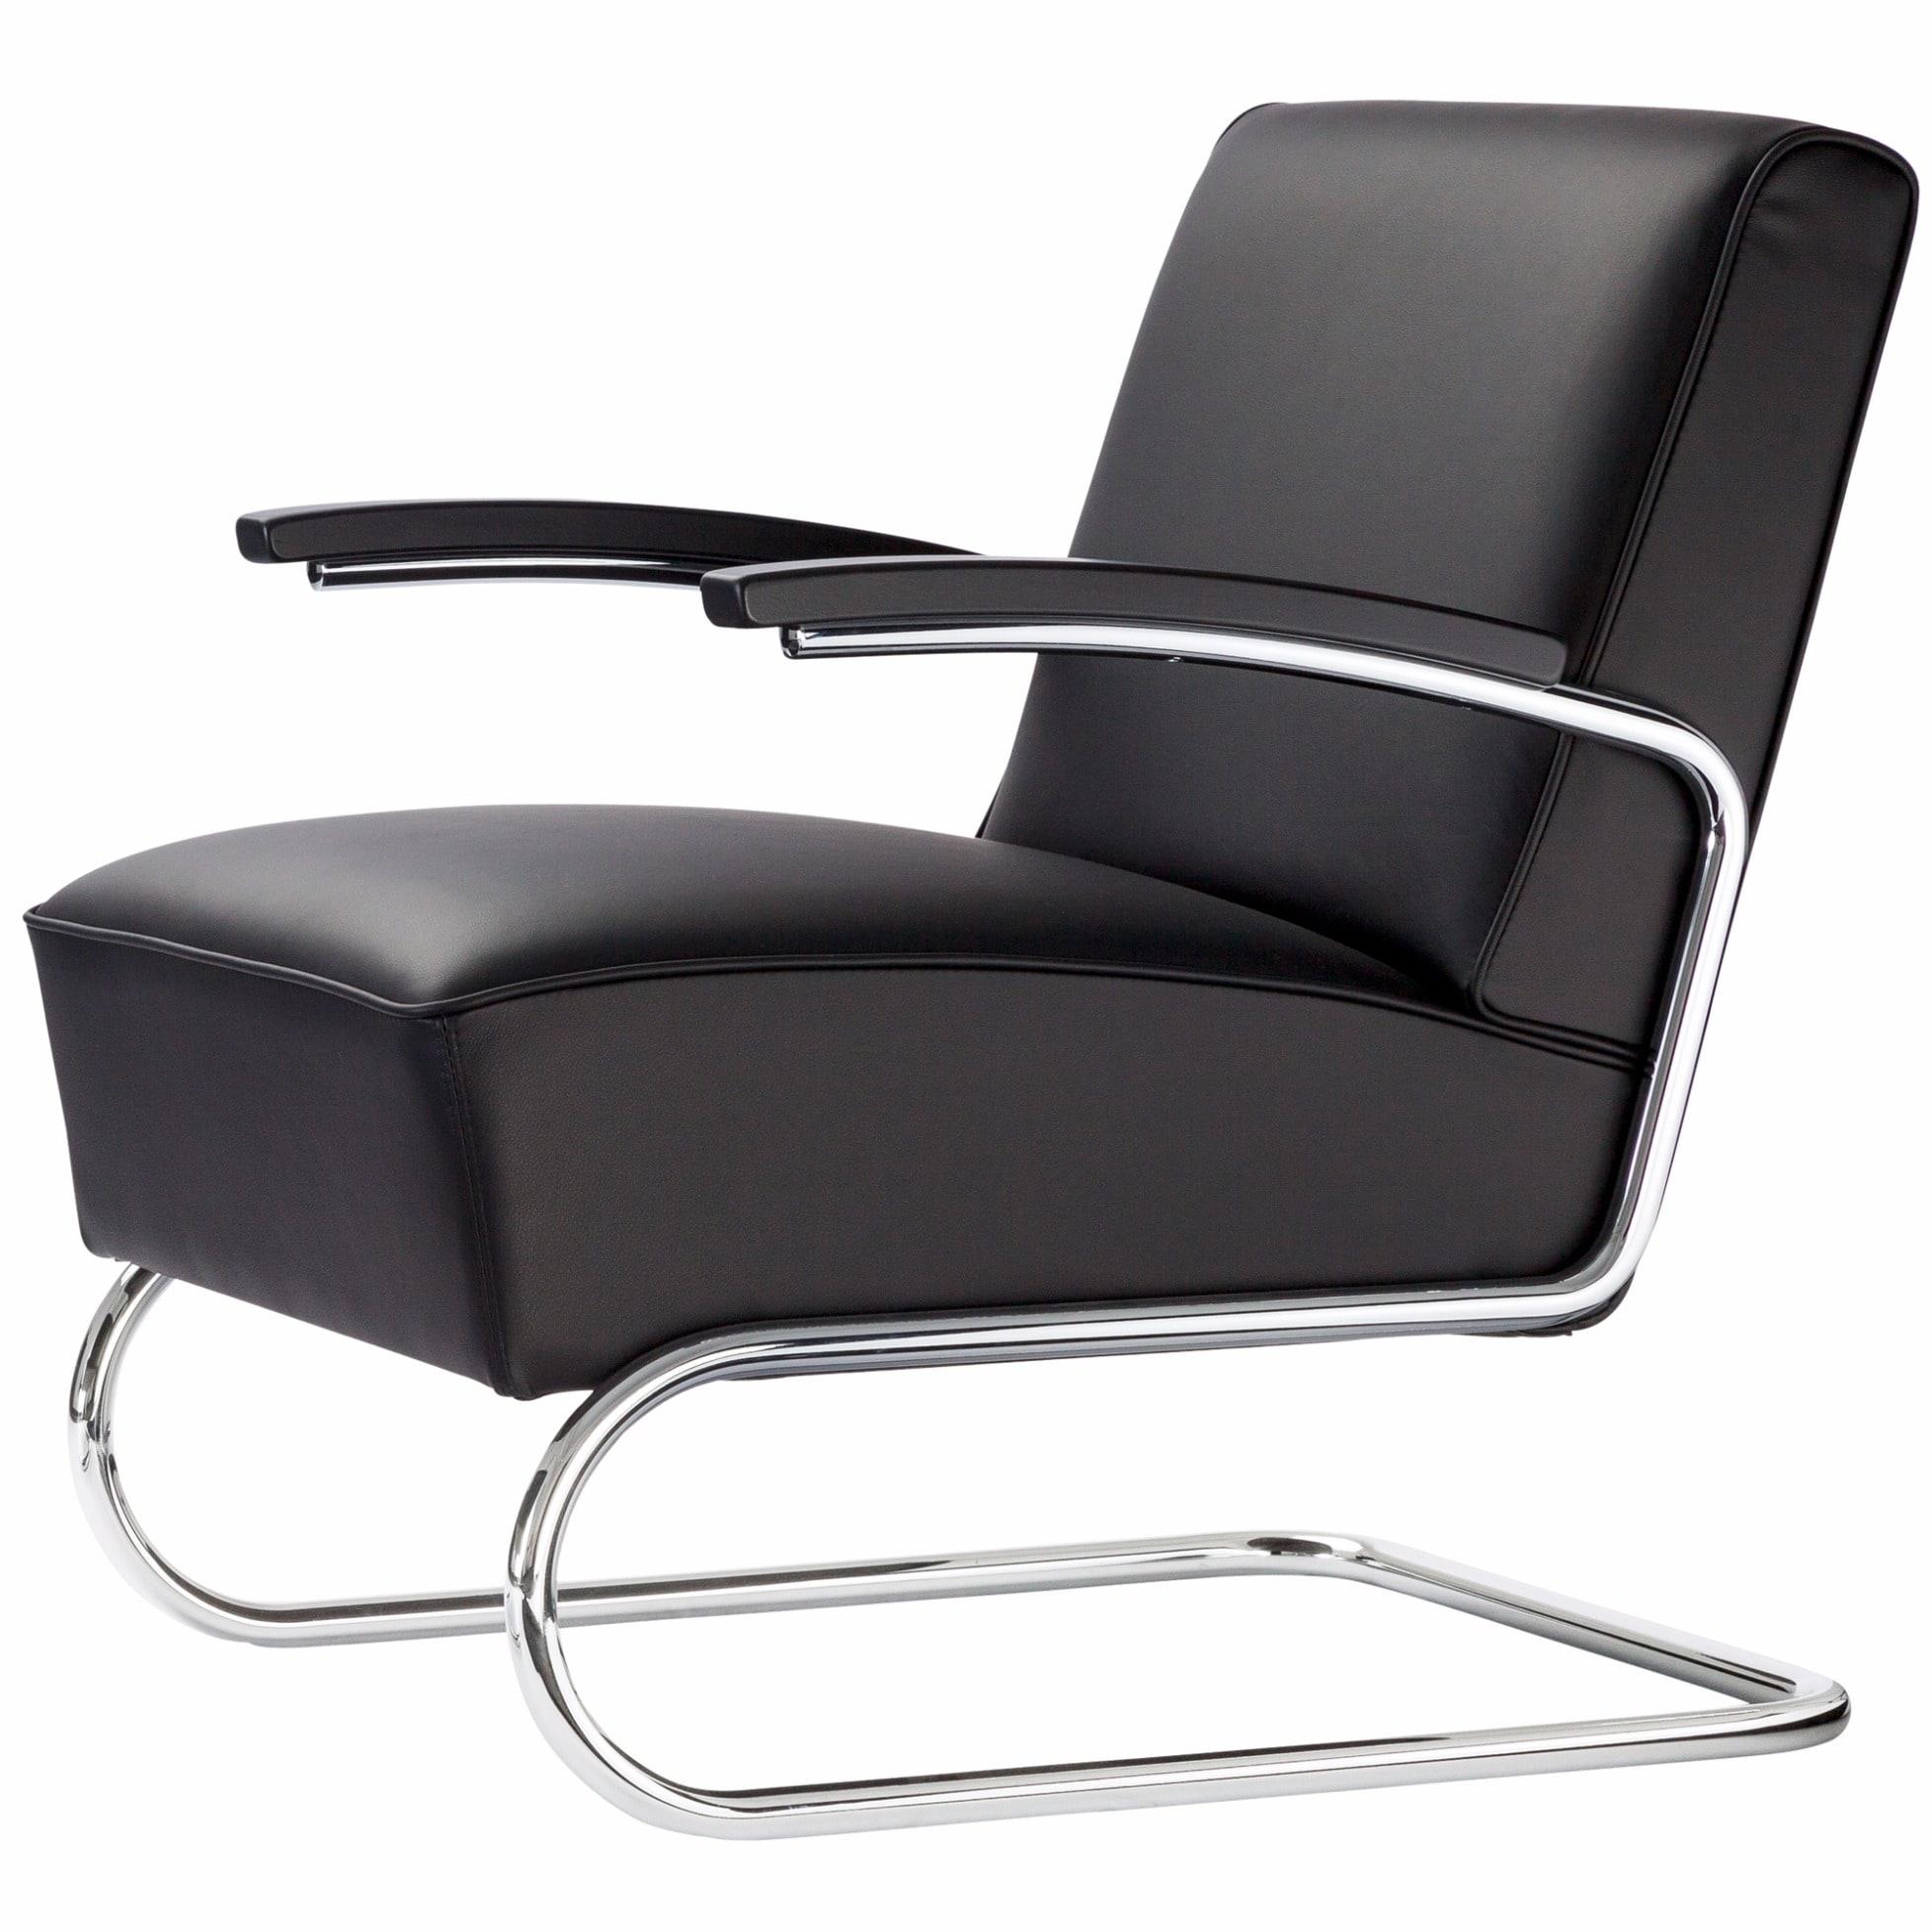 freischwinger s 411 von thonet. Black Bedroom Furniture Sets. Home Design Ideas